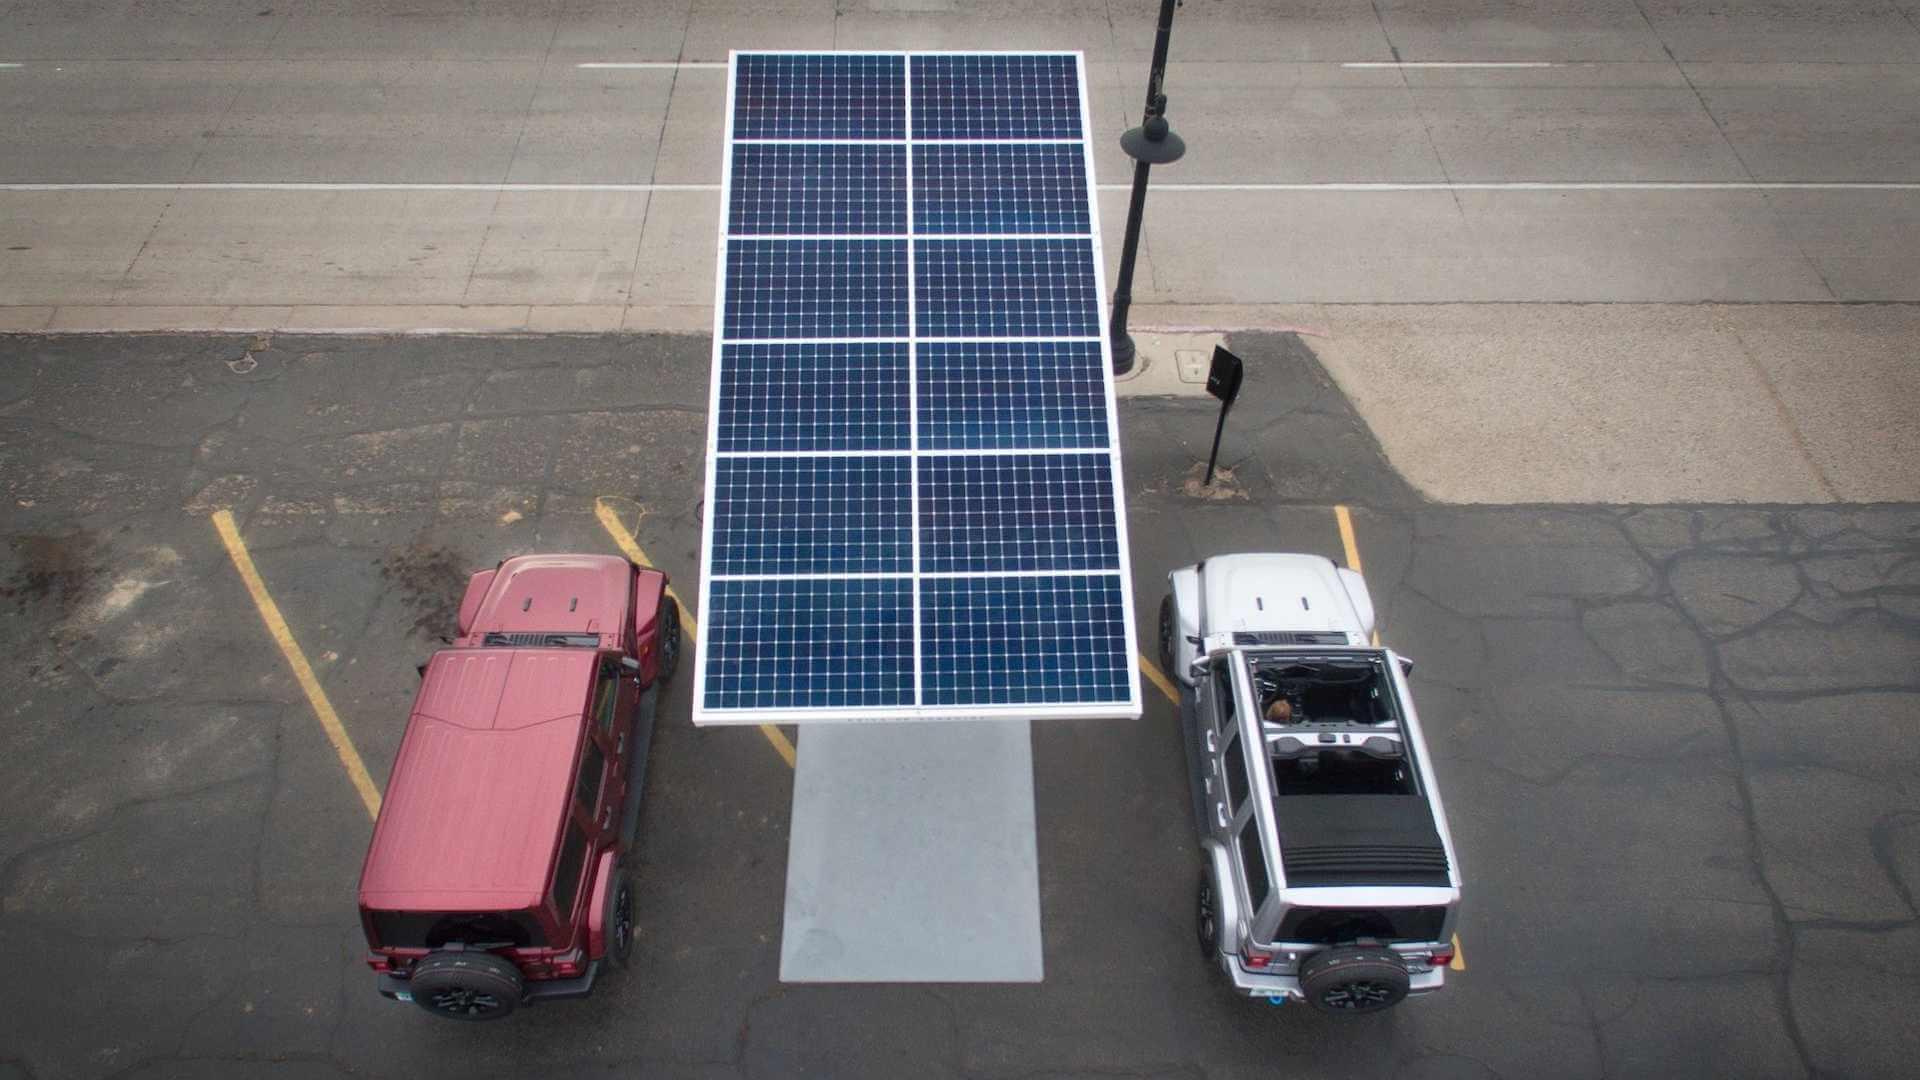 Зарядные станции Jeep 4xe будут использовать солнечную энергию для выработки электроэнергии